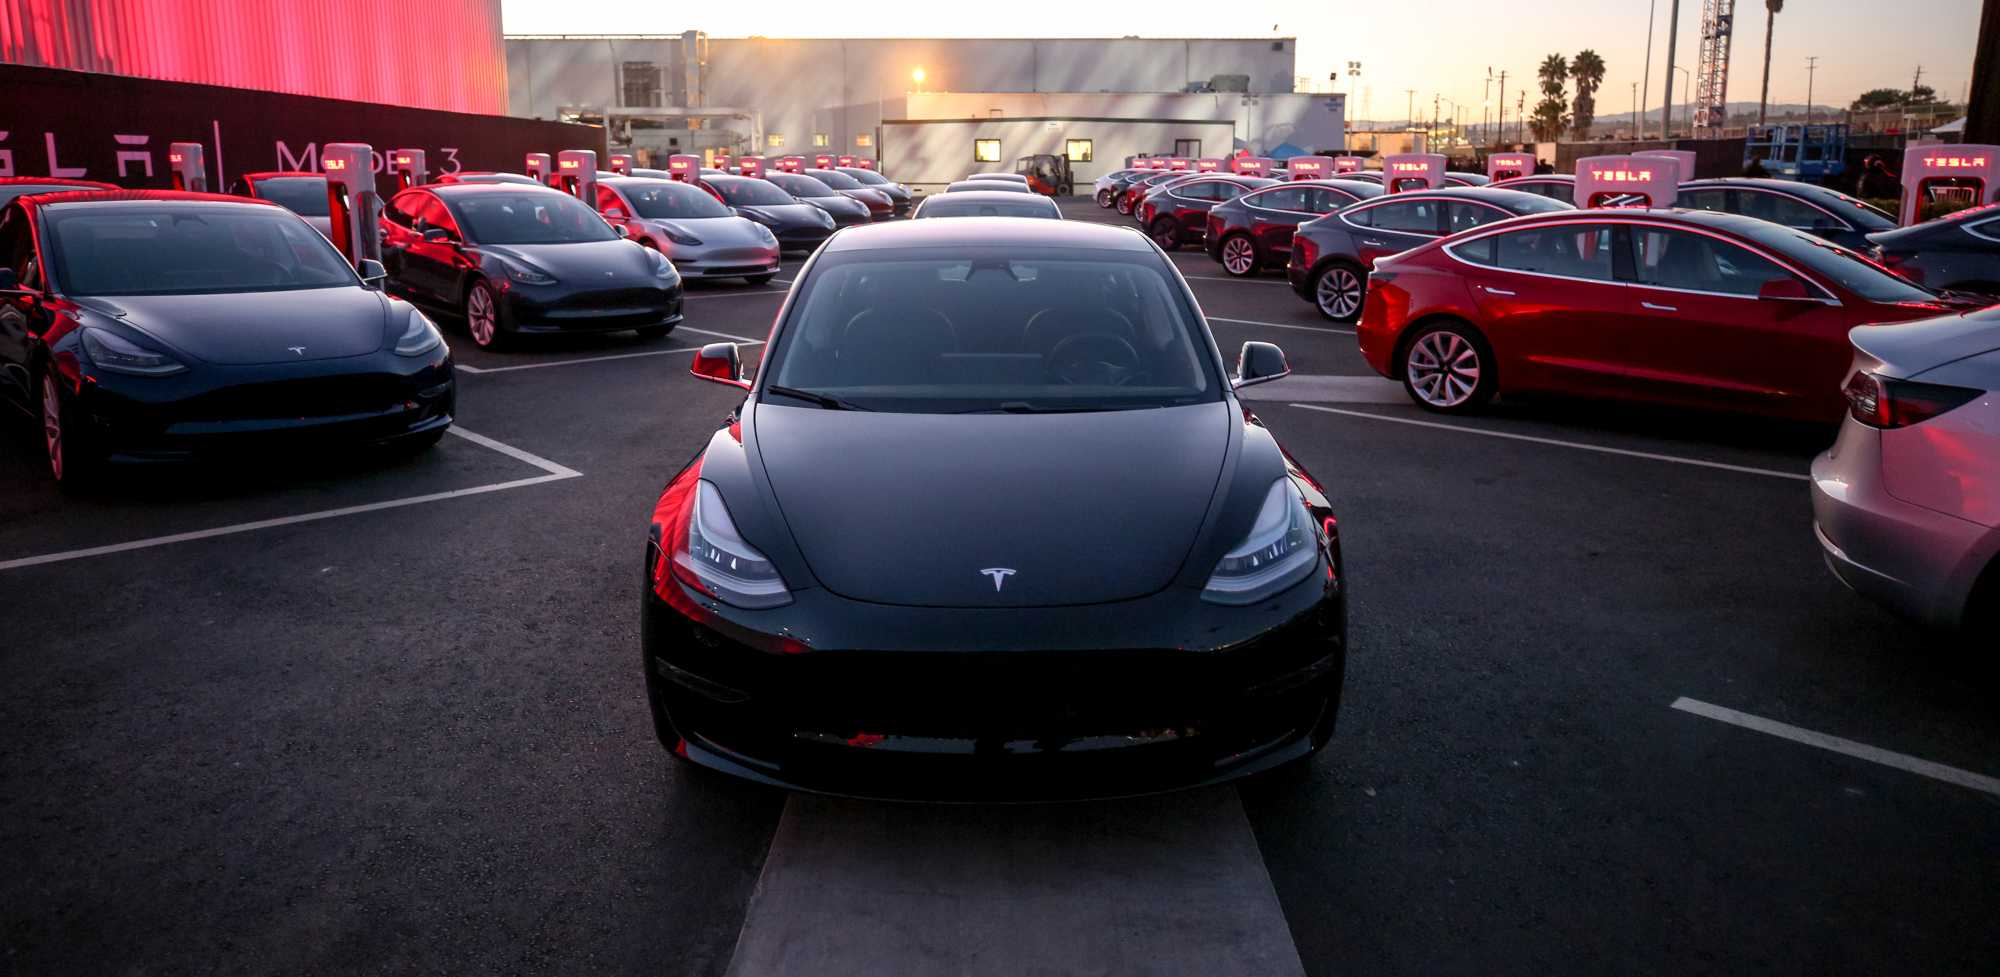 Frisch vom Band: die ersten 30 Tesla Model 3 vor dem Werk im kalifornischen Fremont.